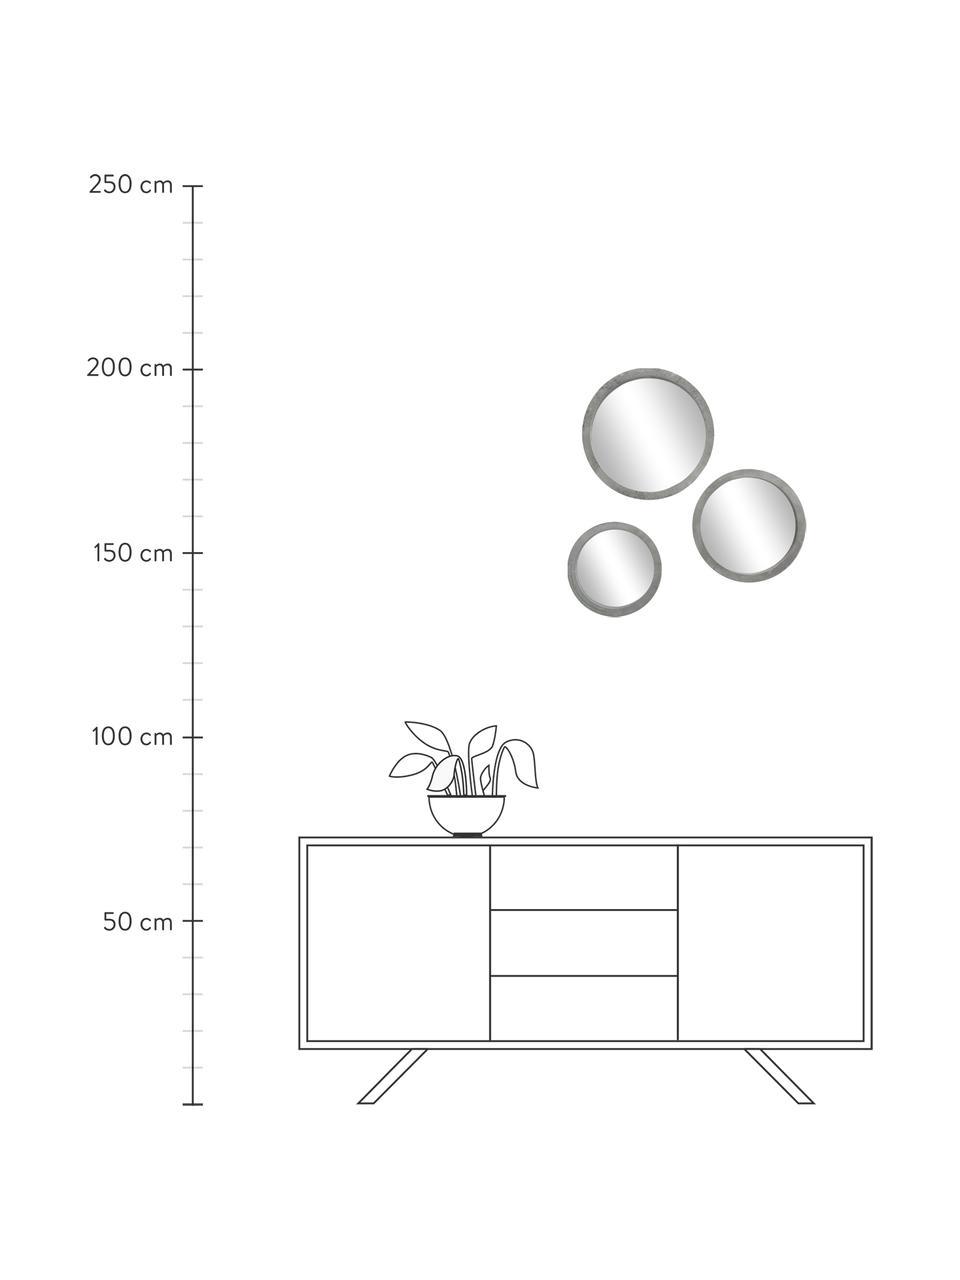 Rundes Wandspiegel-Set Brest mit grauem Rahmen, 3-tlg., Rahmen: Mitteldichte Holzfaserpla, Front: Spiegelglas, Rahmen: Grau Front: Spiegelglas, Sondergrößen